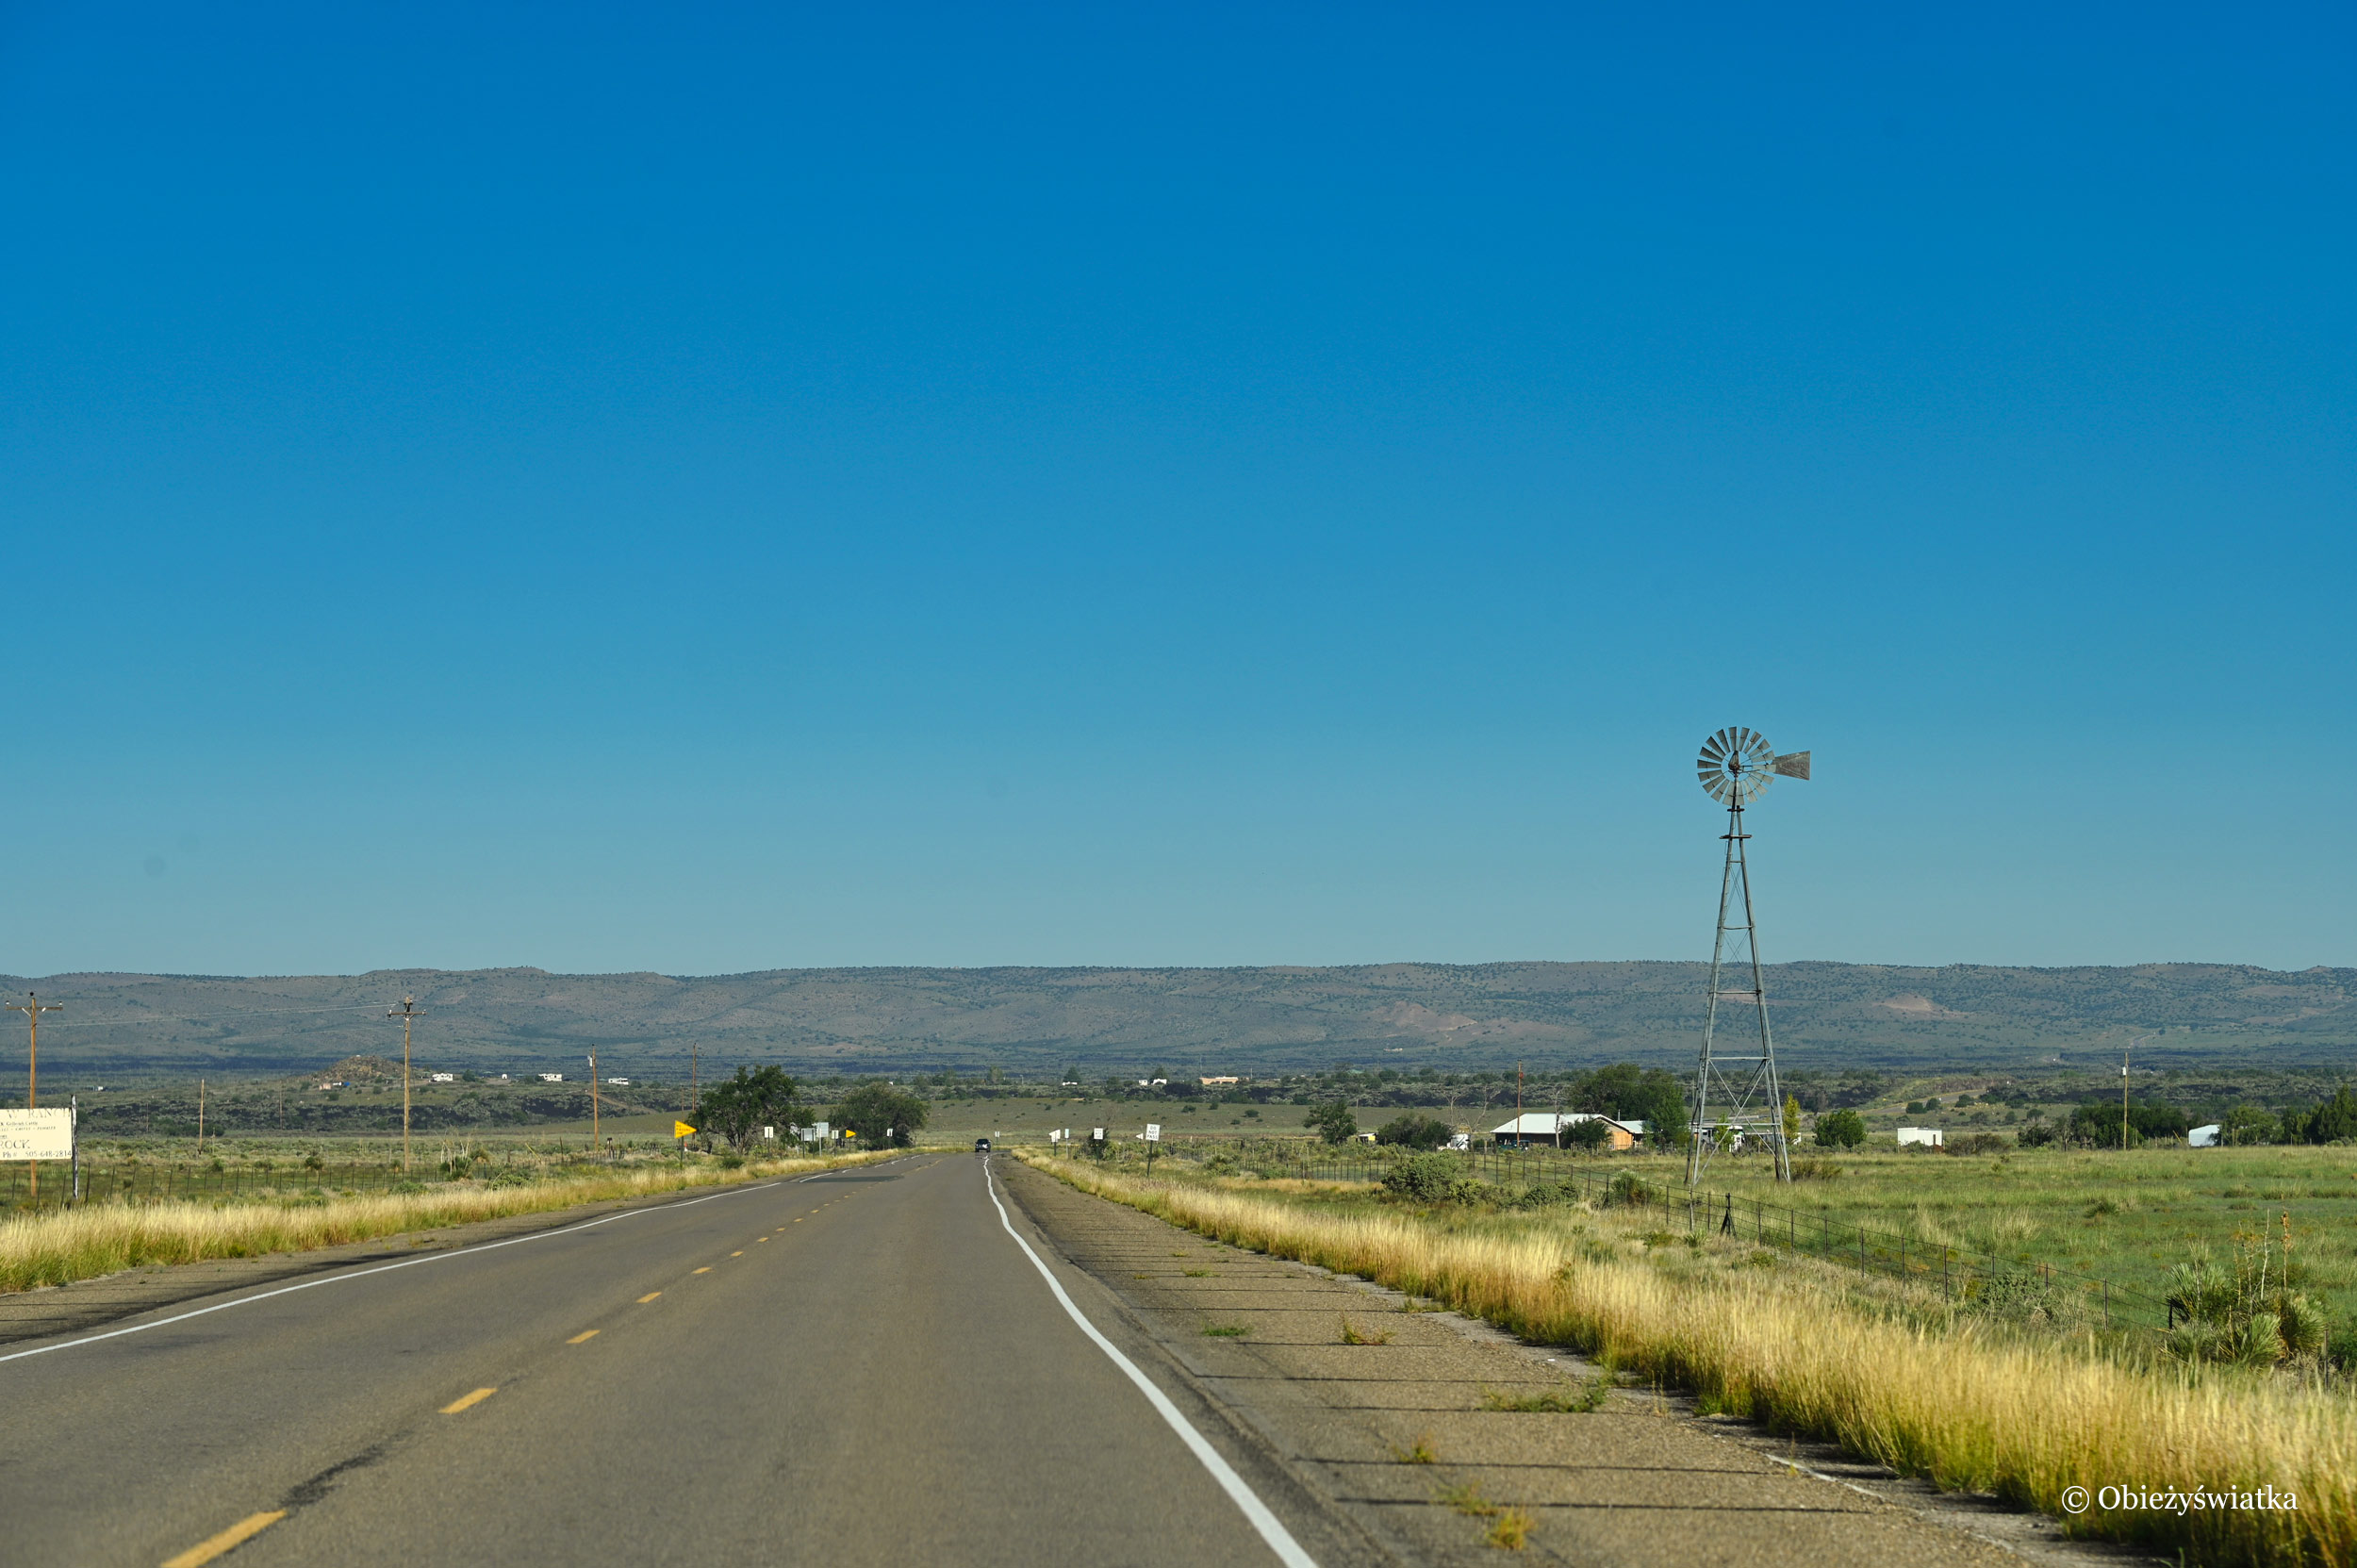 Typowy krajobraz stanu Nowy Meksyk, USA